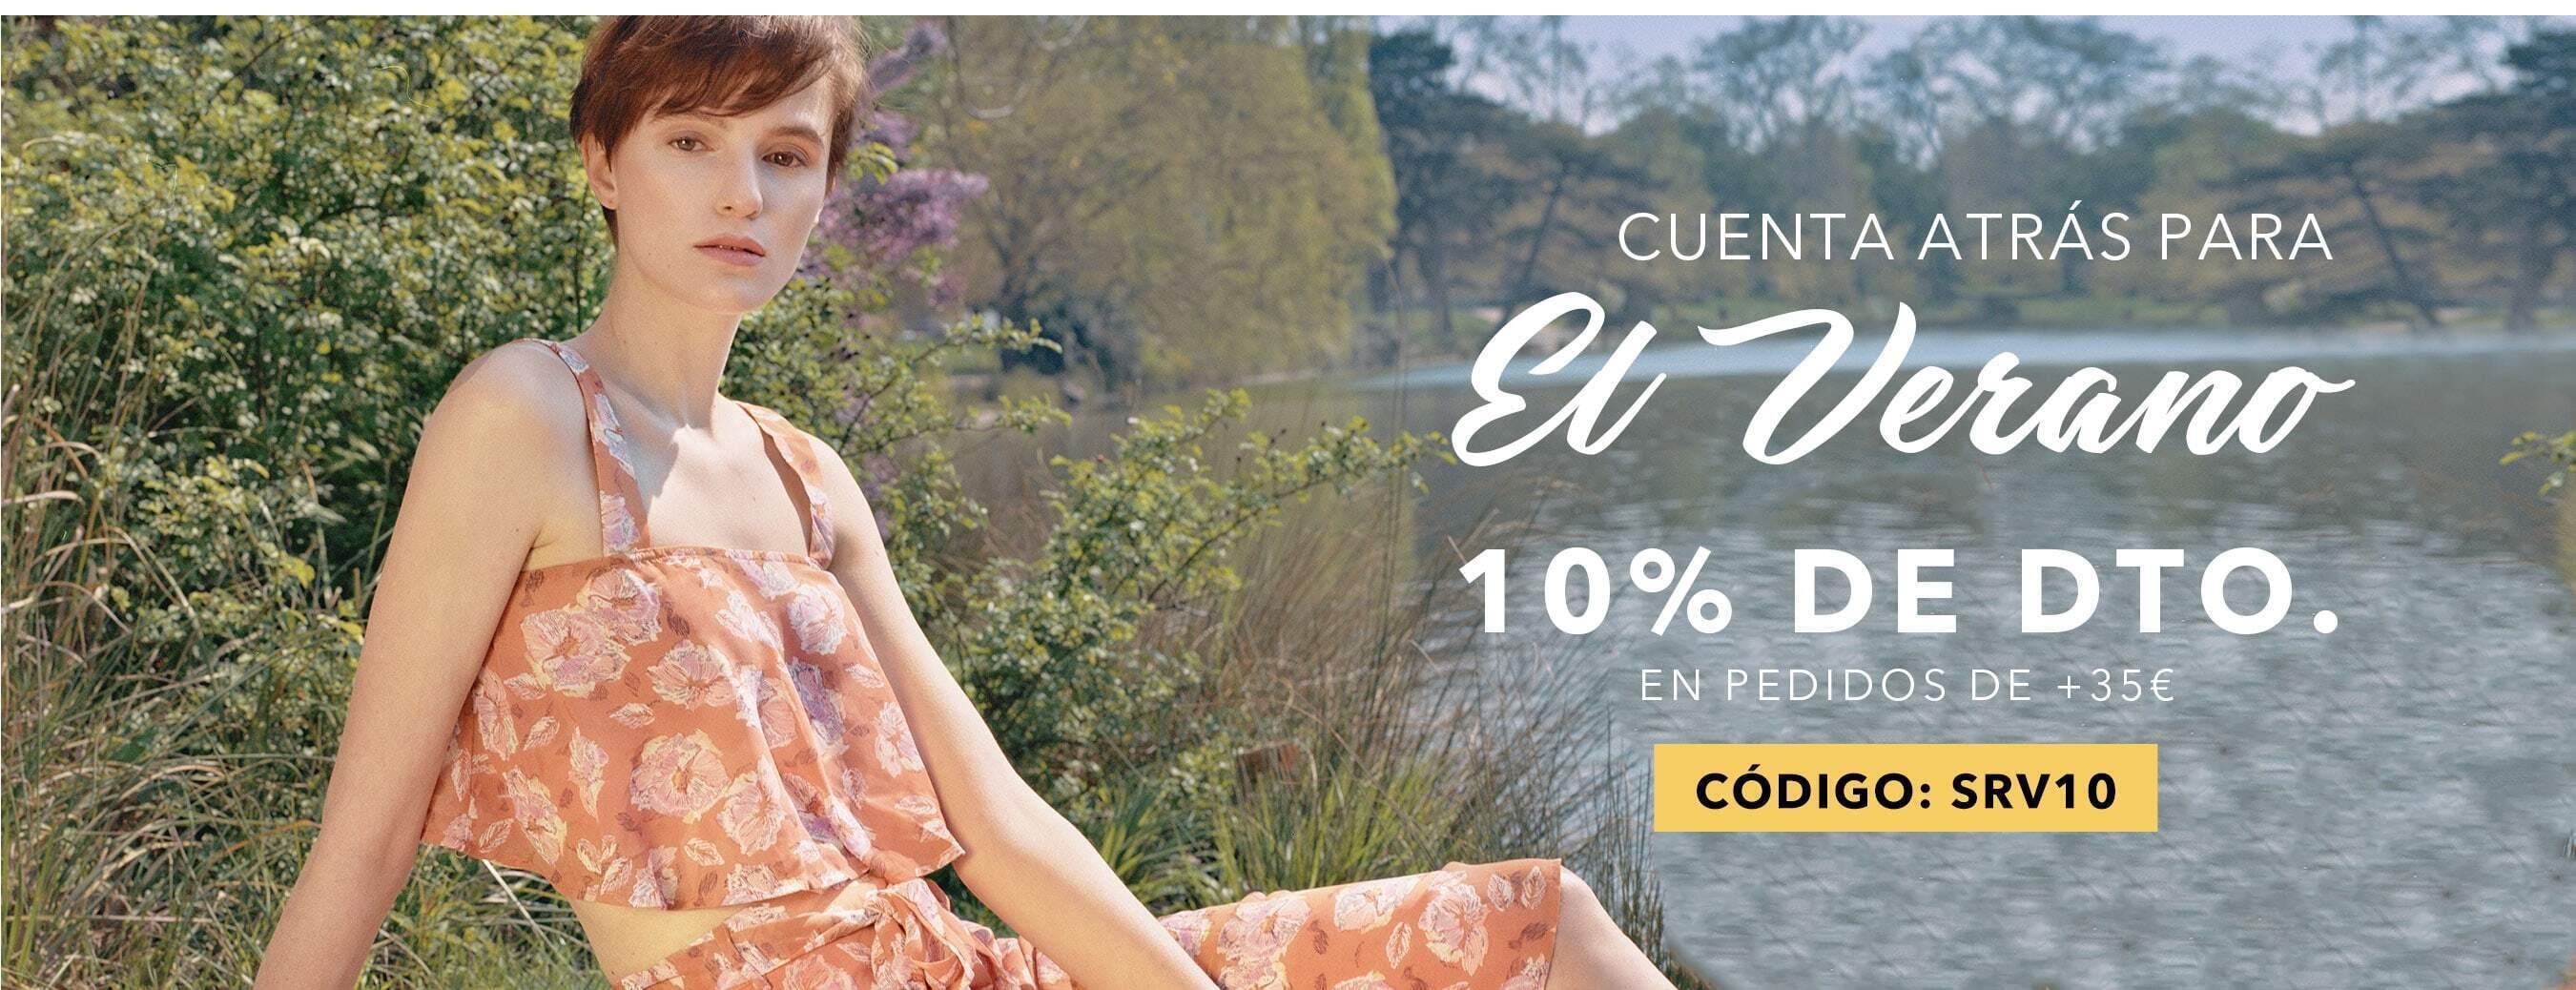 1569432c06 Ropa y moda de Mujer al mejor precio online